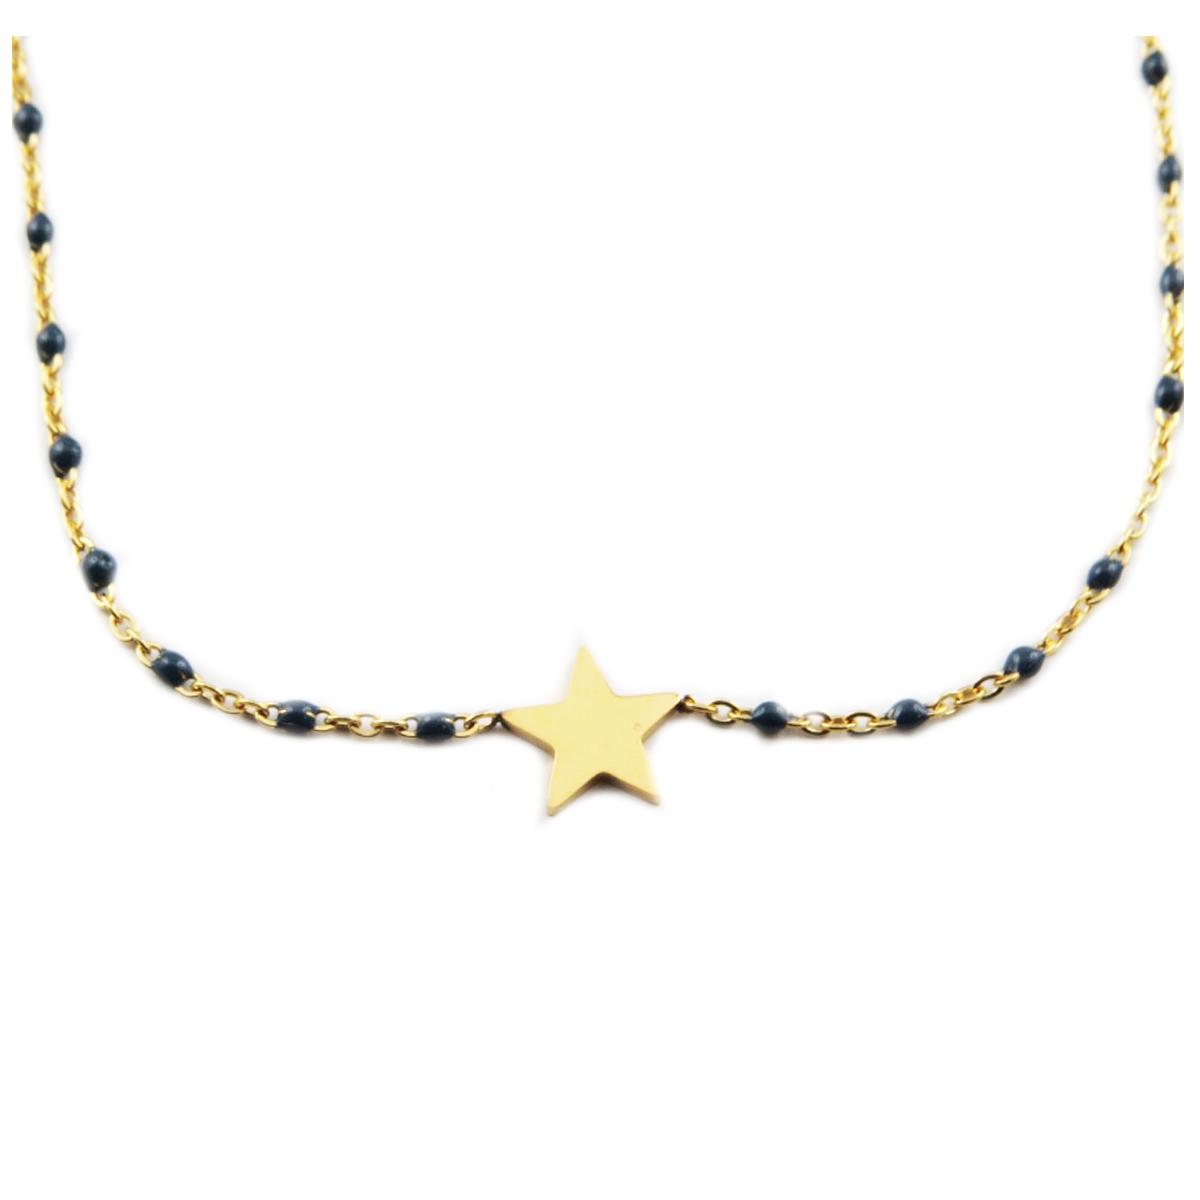 Collier créateur acier \'Une Etoile est Née\' bleu canard doré - 10x10 mm - [R0205]